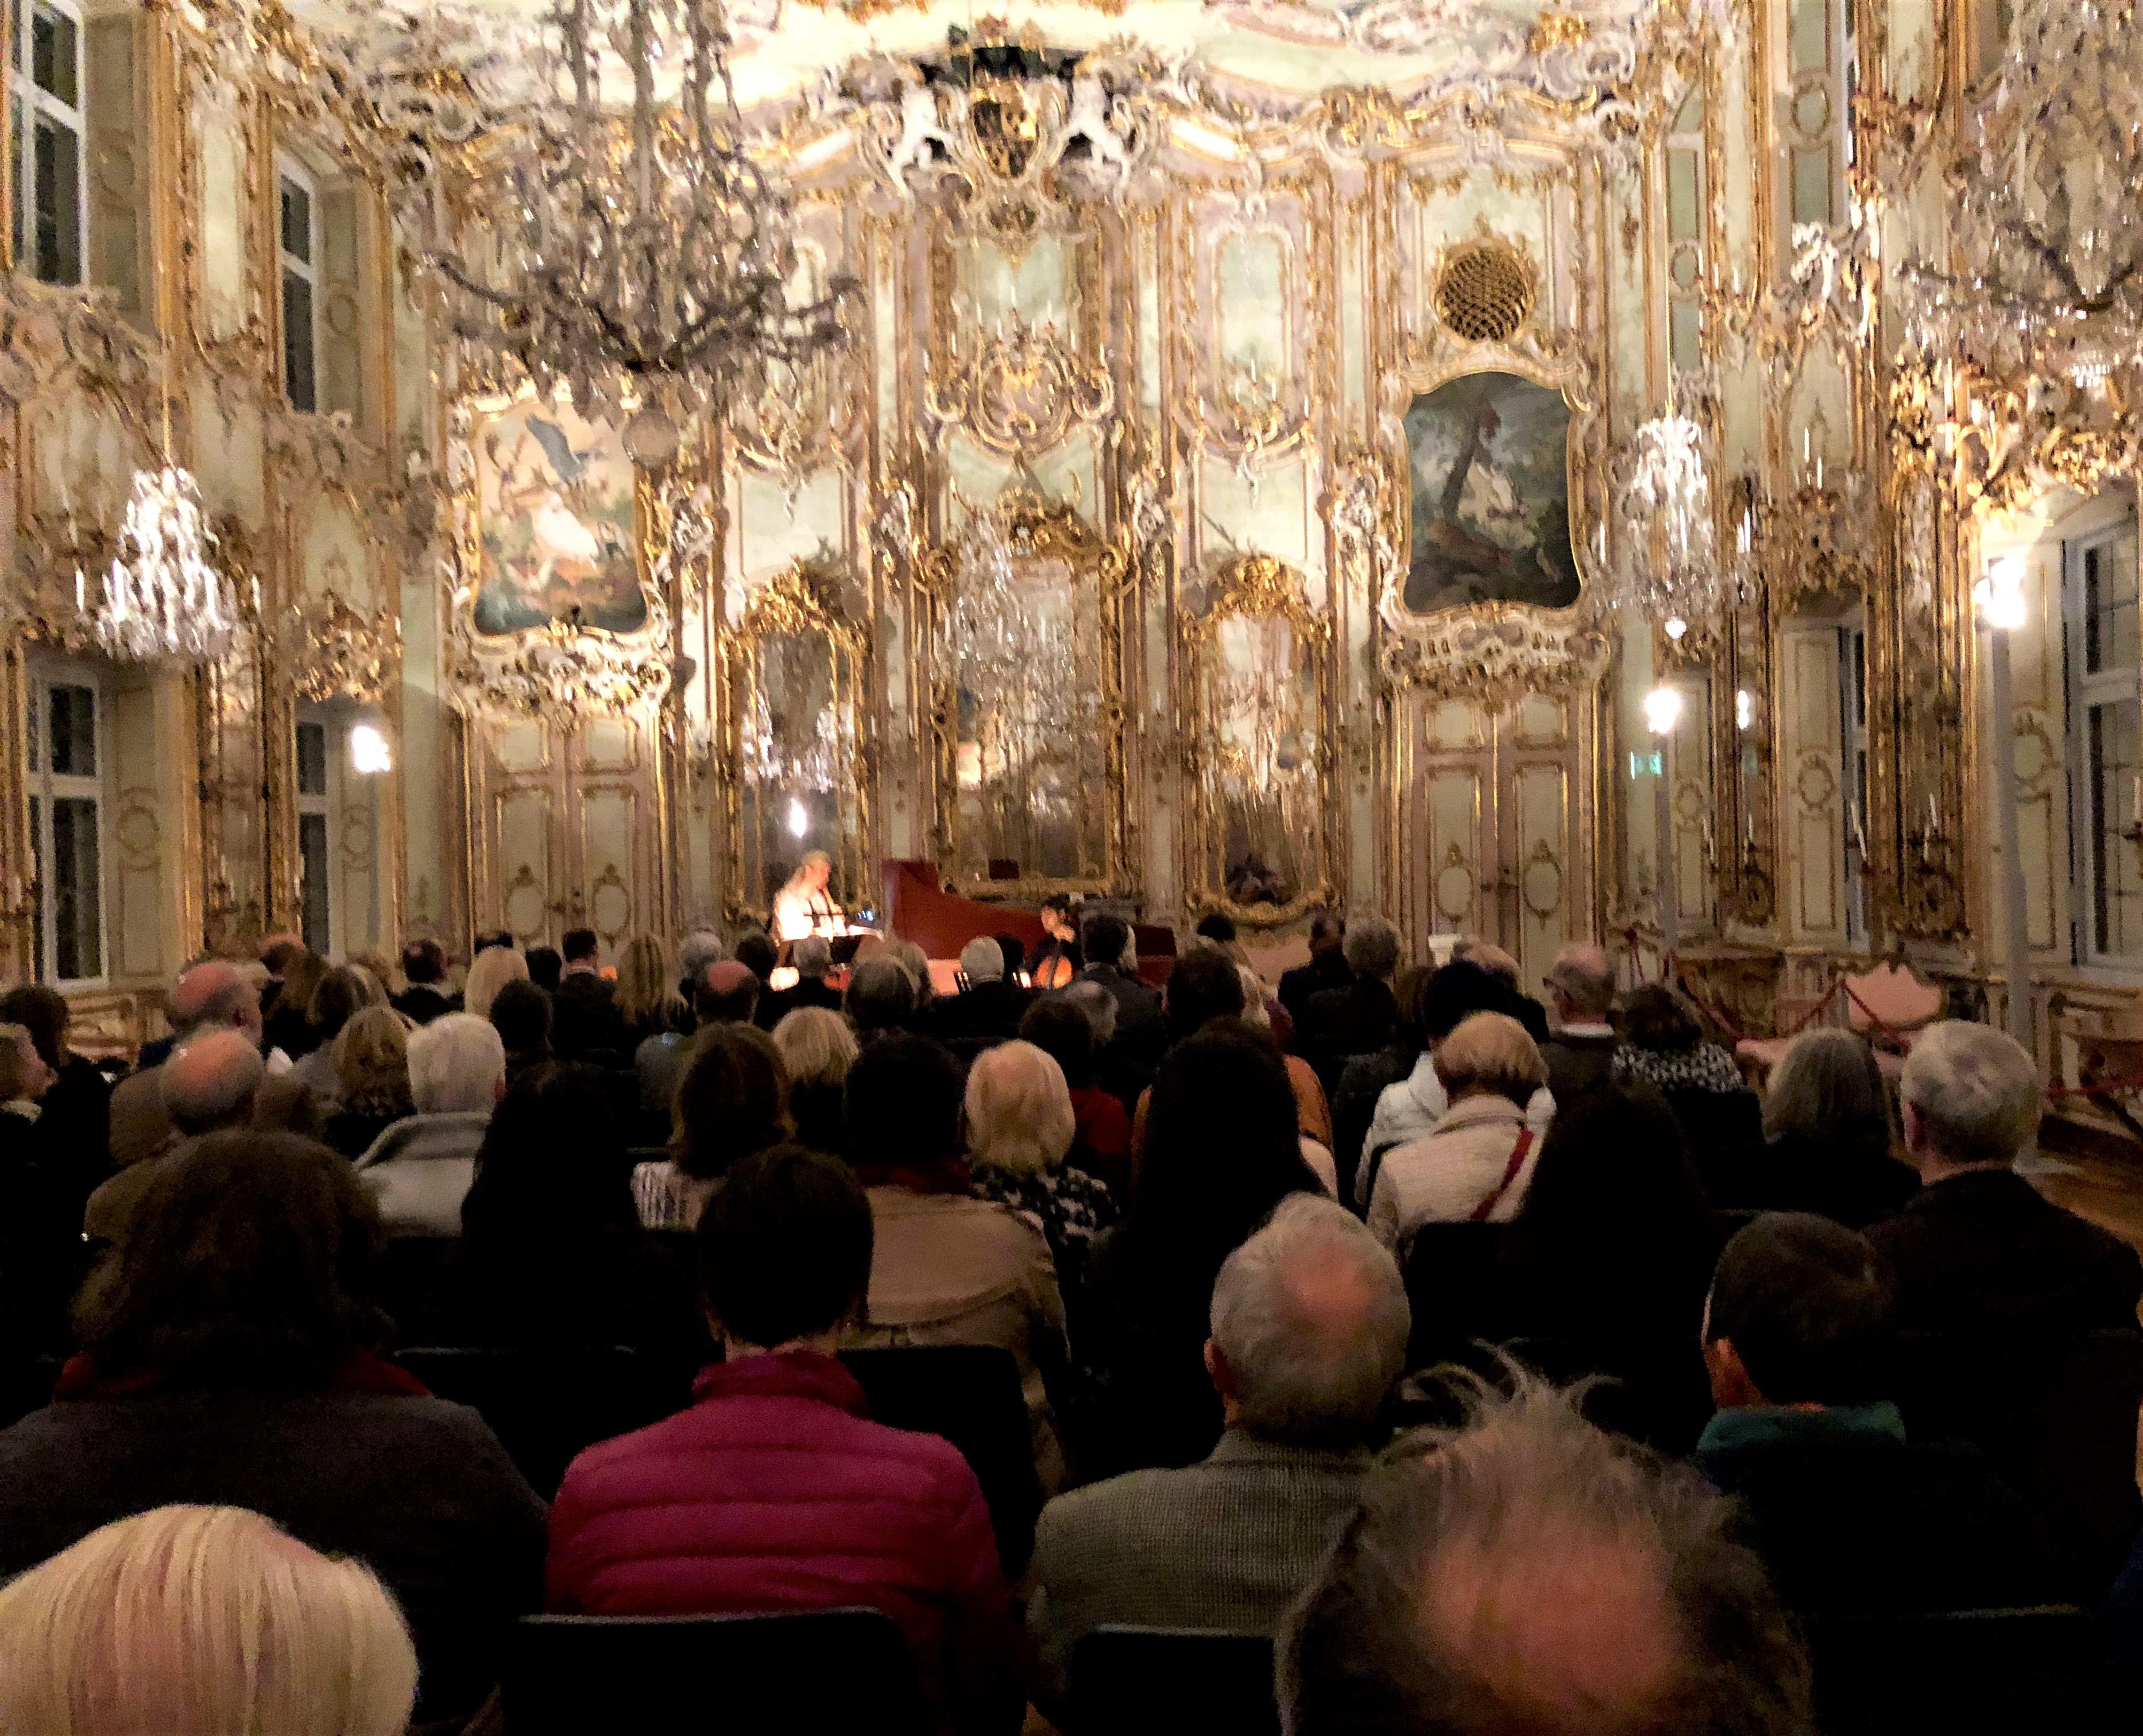 Schaezlerpalais Ballroom Baroque Concert